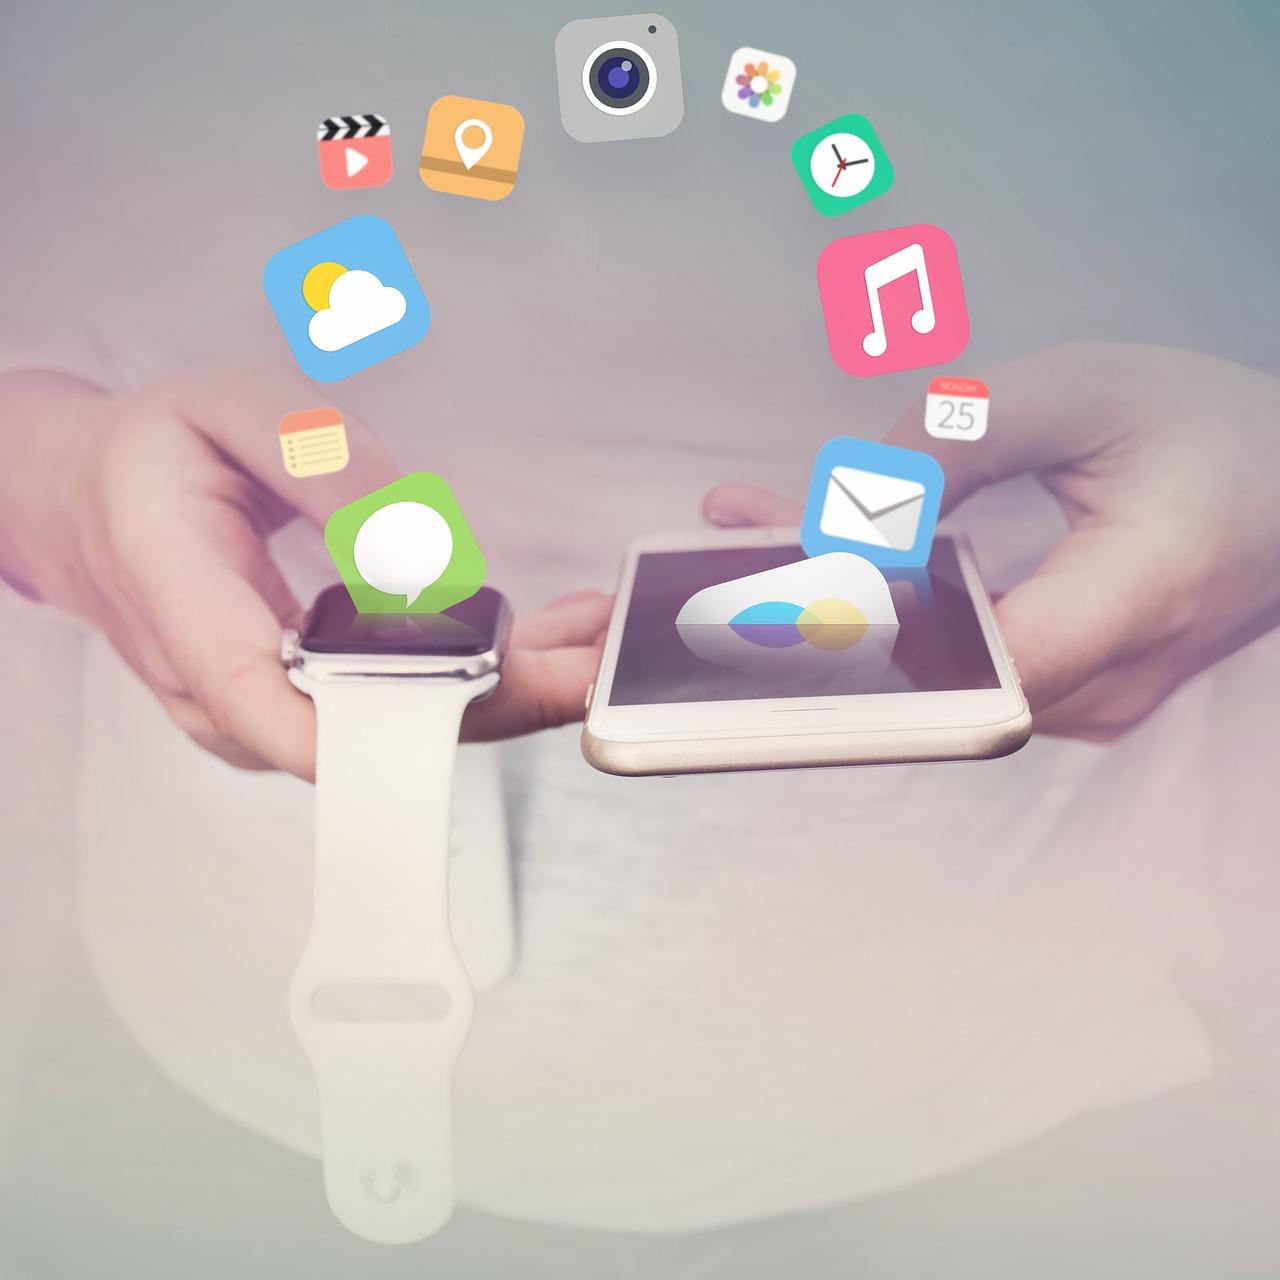 שיווק דיגיטל באפליקציות